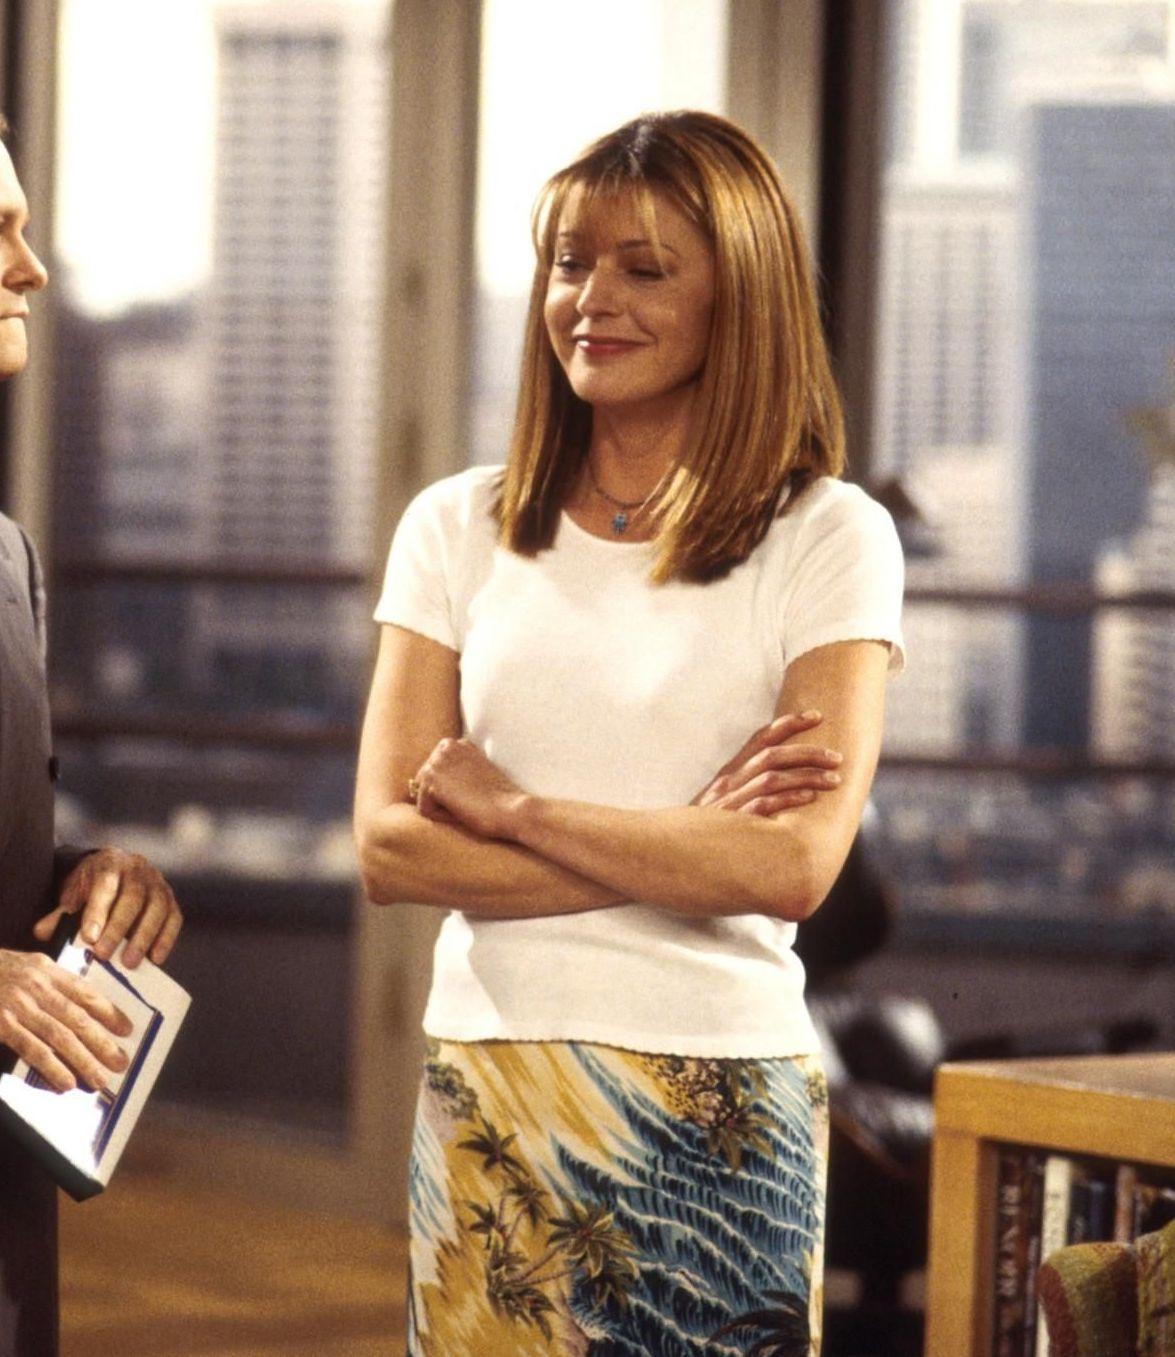 Jane Leeves as Daphne Moon in Frasier